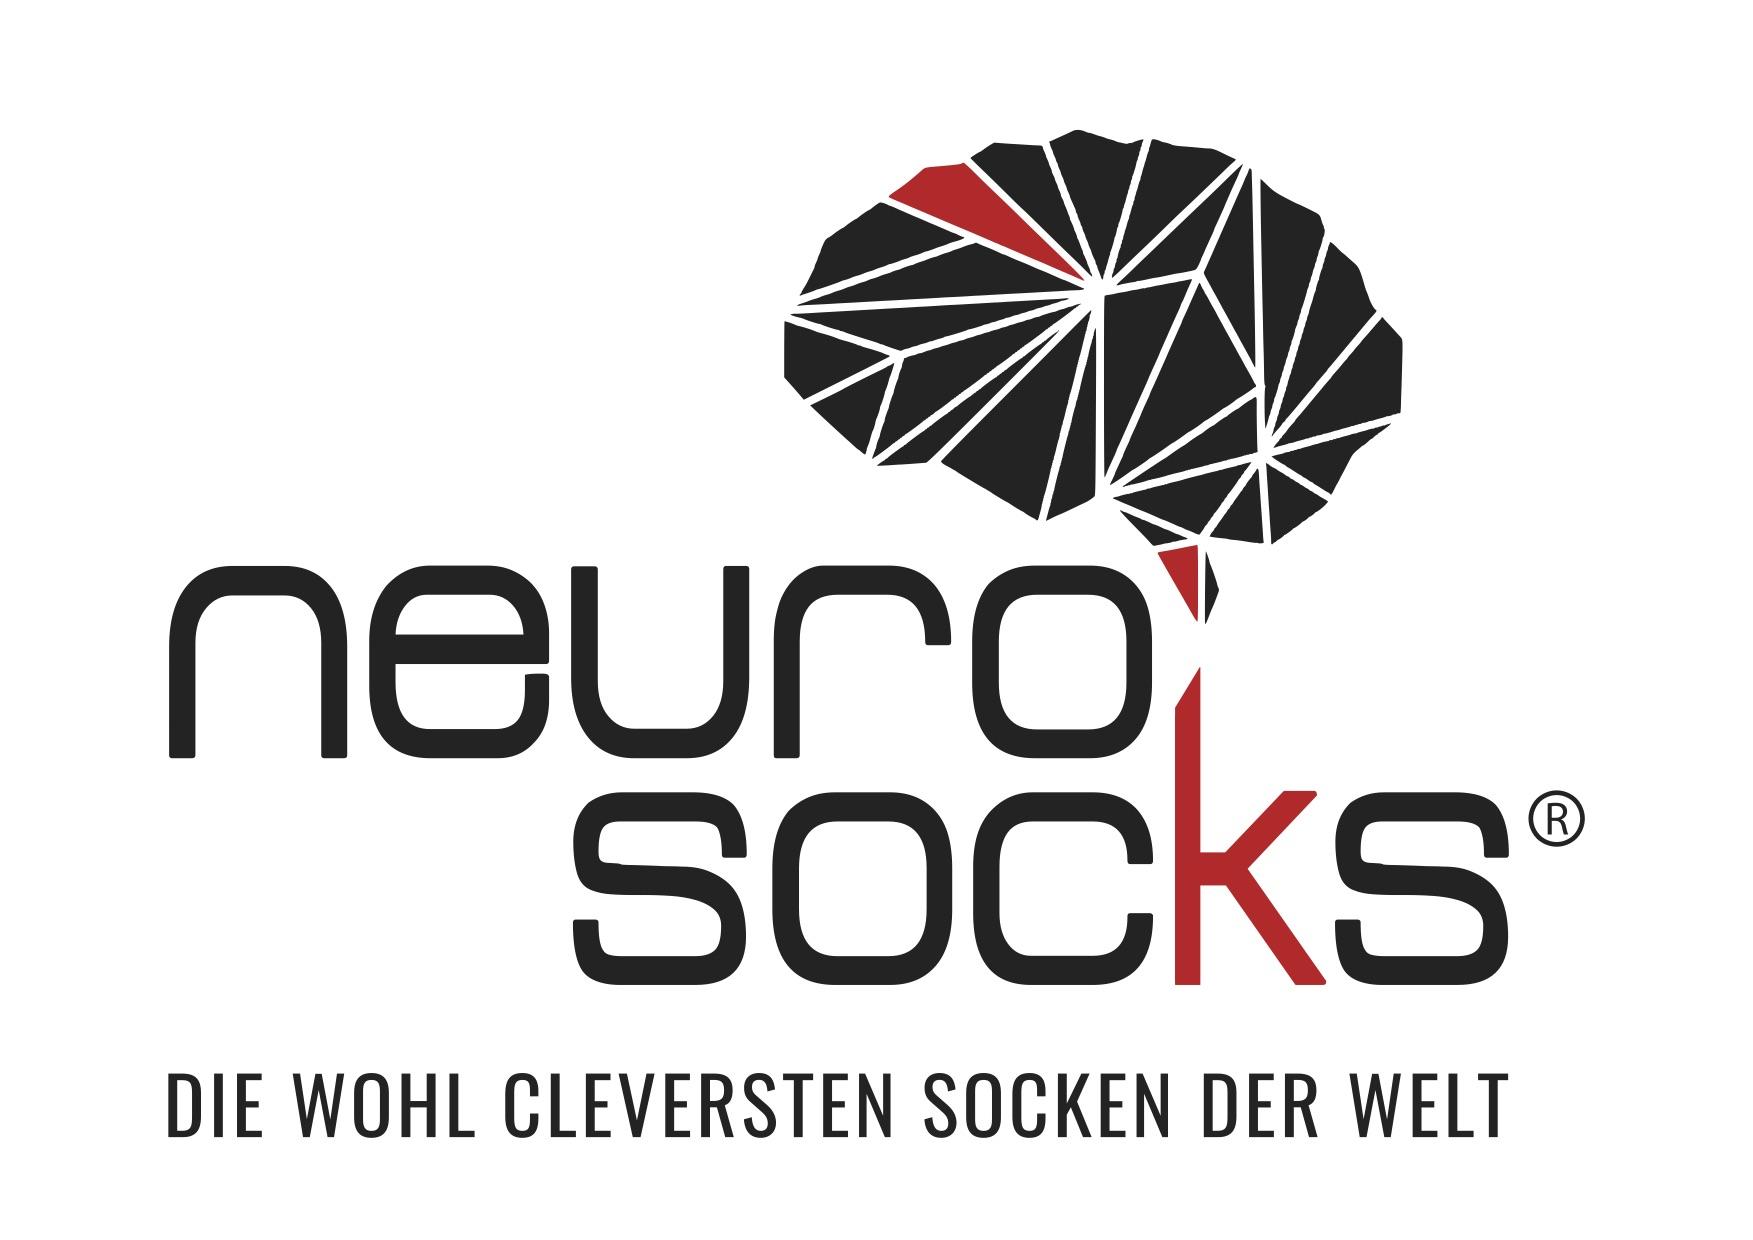 neuro socks logo die cleversten socken der welt aus puls 4